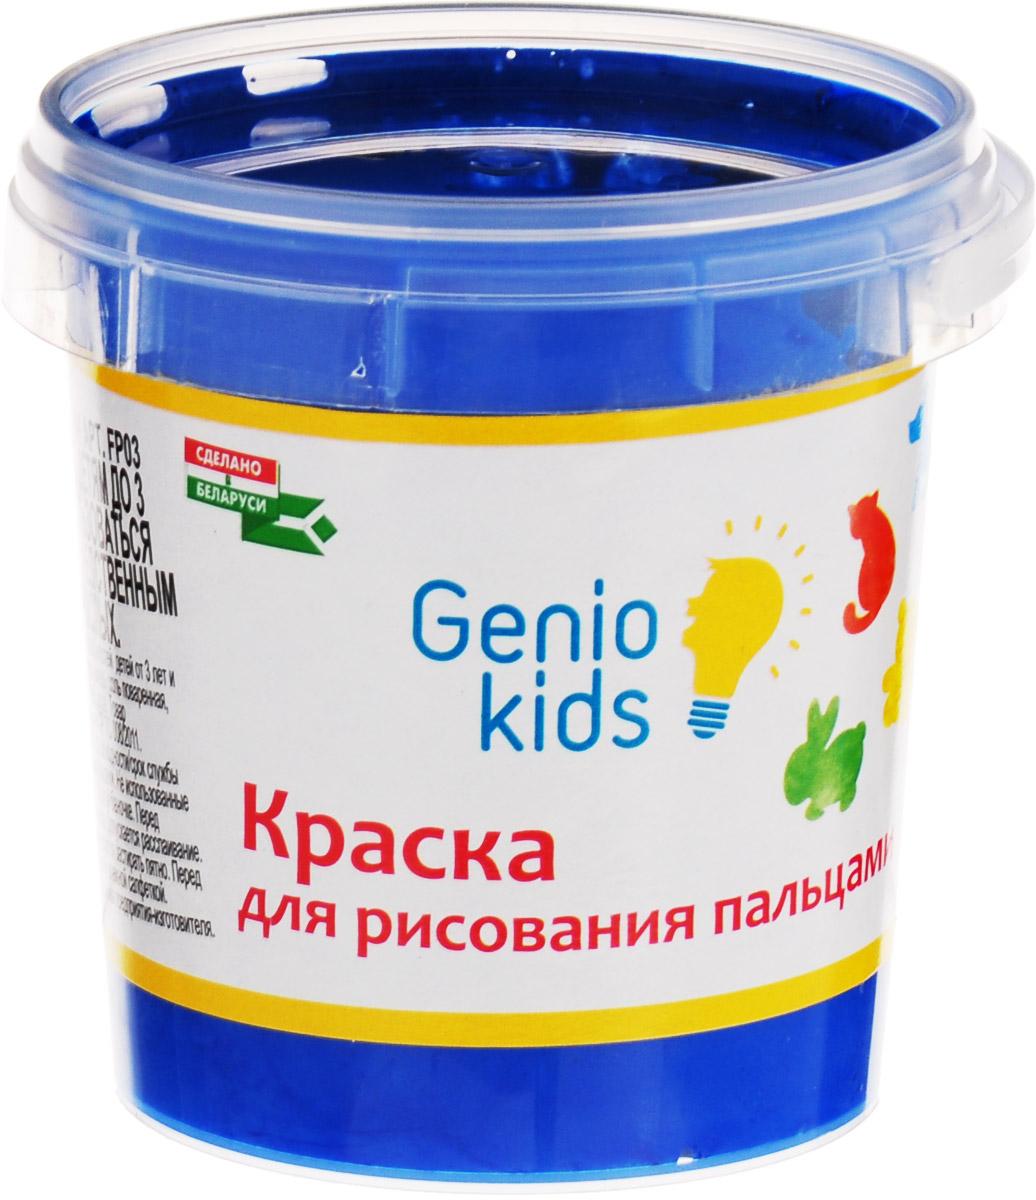 Genio Kids Краска пальчиковая цвет синий 100 мл0775B001Одним из самых легких и интересных видов творчества, в котором ваш ребенок с удовольствием примет активное участие - это рисование.Пальчиковая краска Genio Kids даст вашему ребенку возможность проявить себя, предоставив необходимый минимум творческих принадлежностей. При использовании краски не понадобятся ни кисточка, ни вода, достаточно просто открыть банку, окунуть в краску пальчик – и можно приступать к творчеству.Пальчиковая краска безопасна, легко смывается с рук и любых поверхностей. Рисование будет развивать у вашего малыша творческие способности, воображение, логику, память, мышление.